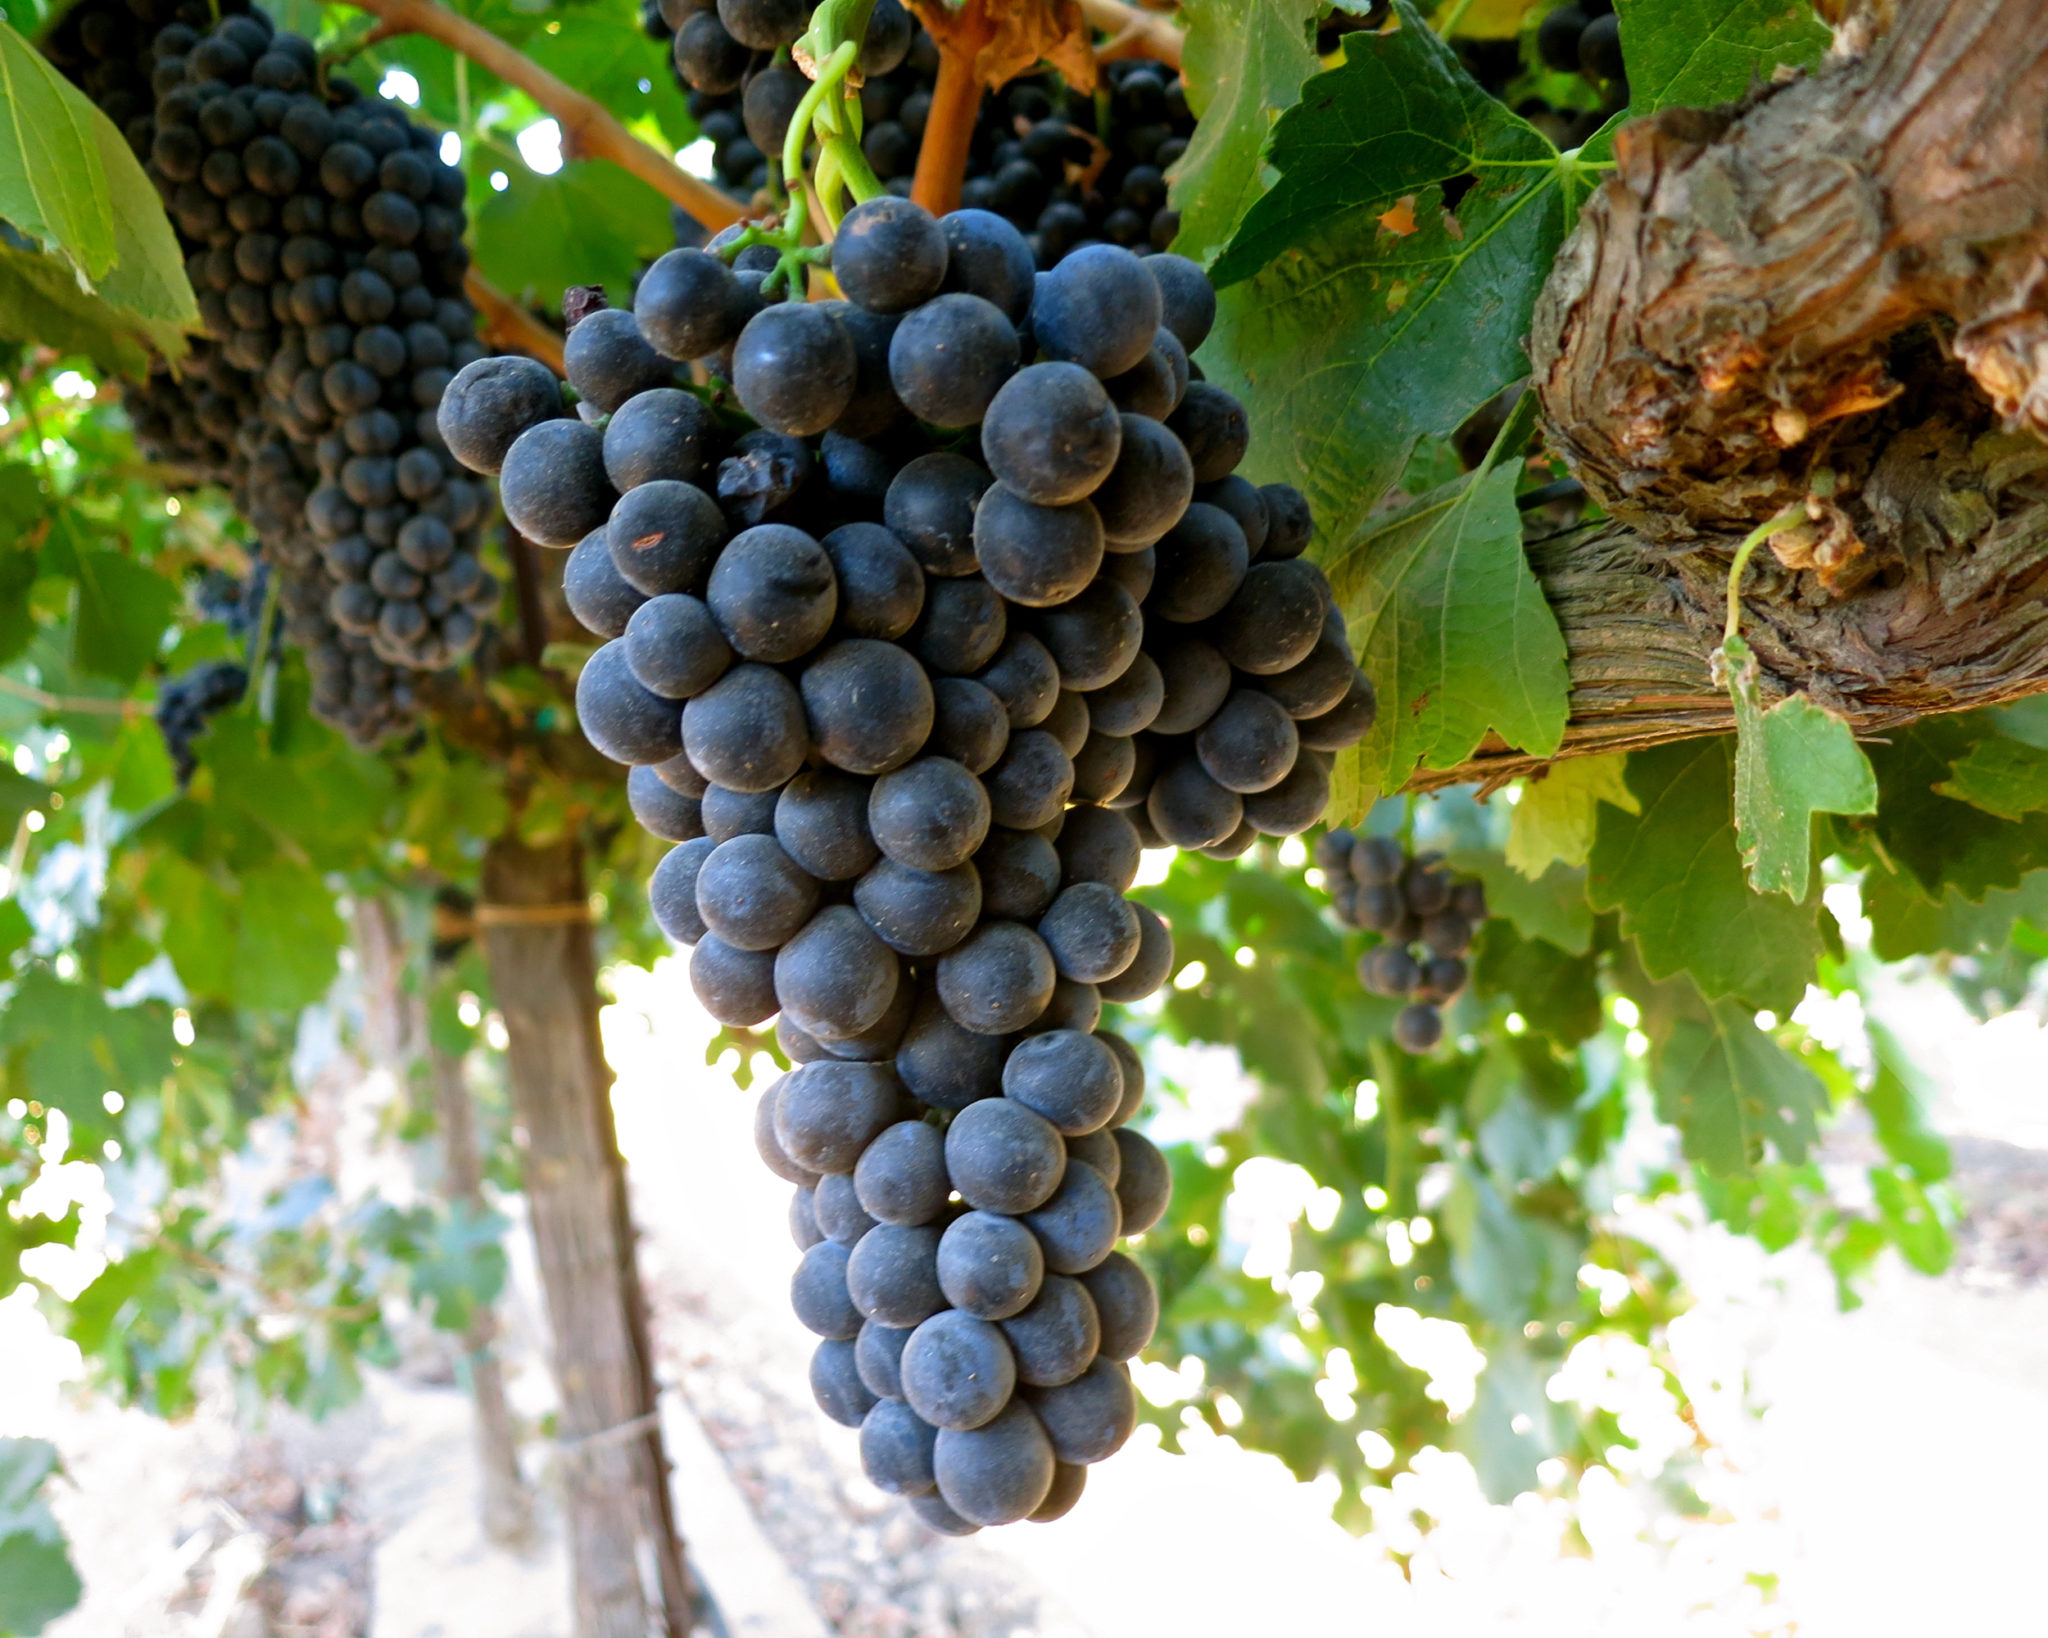 груши фото разновидностей винограда заботишься детях